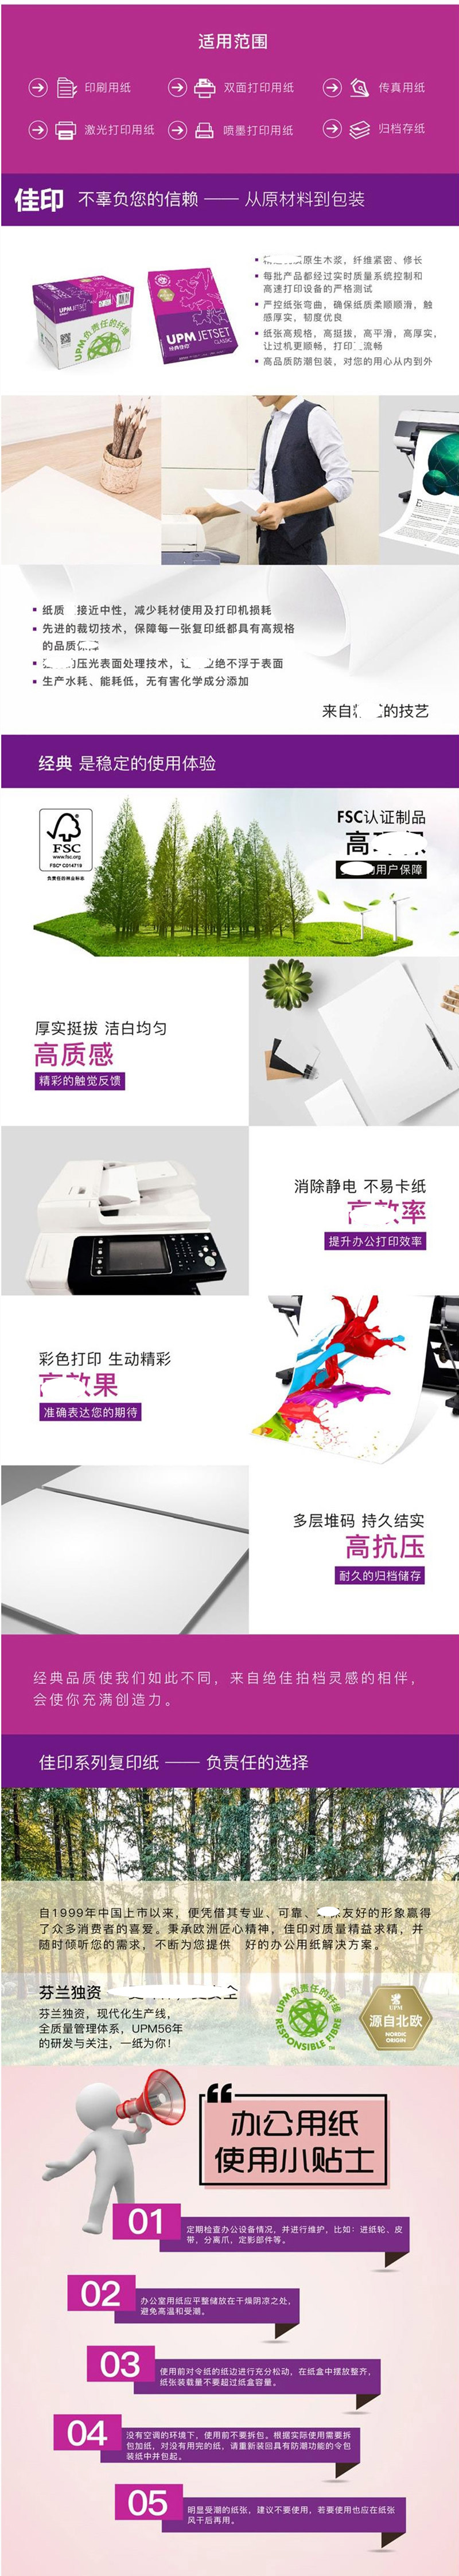 70g A4经典佳印复印纸 紫佳印